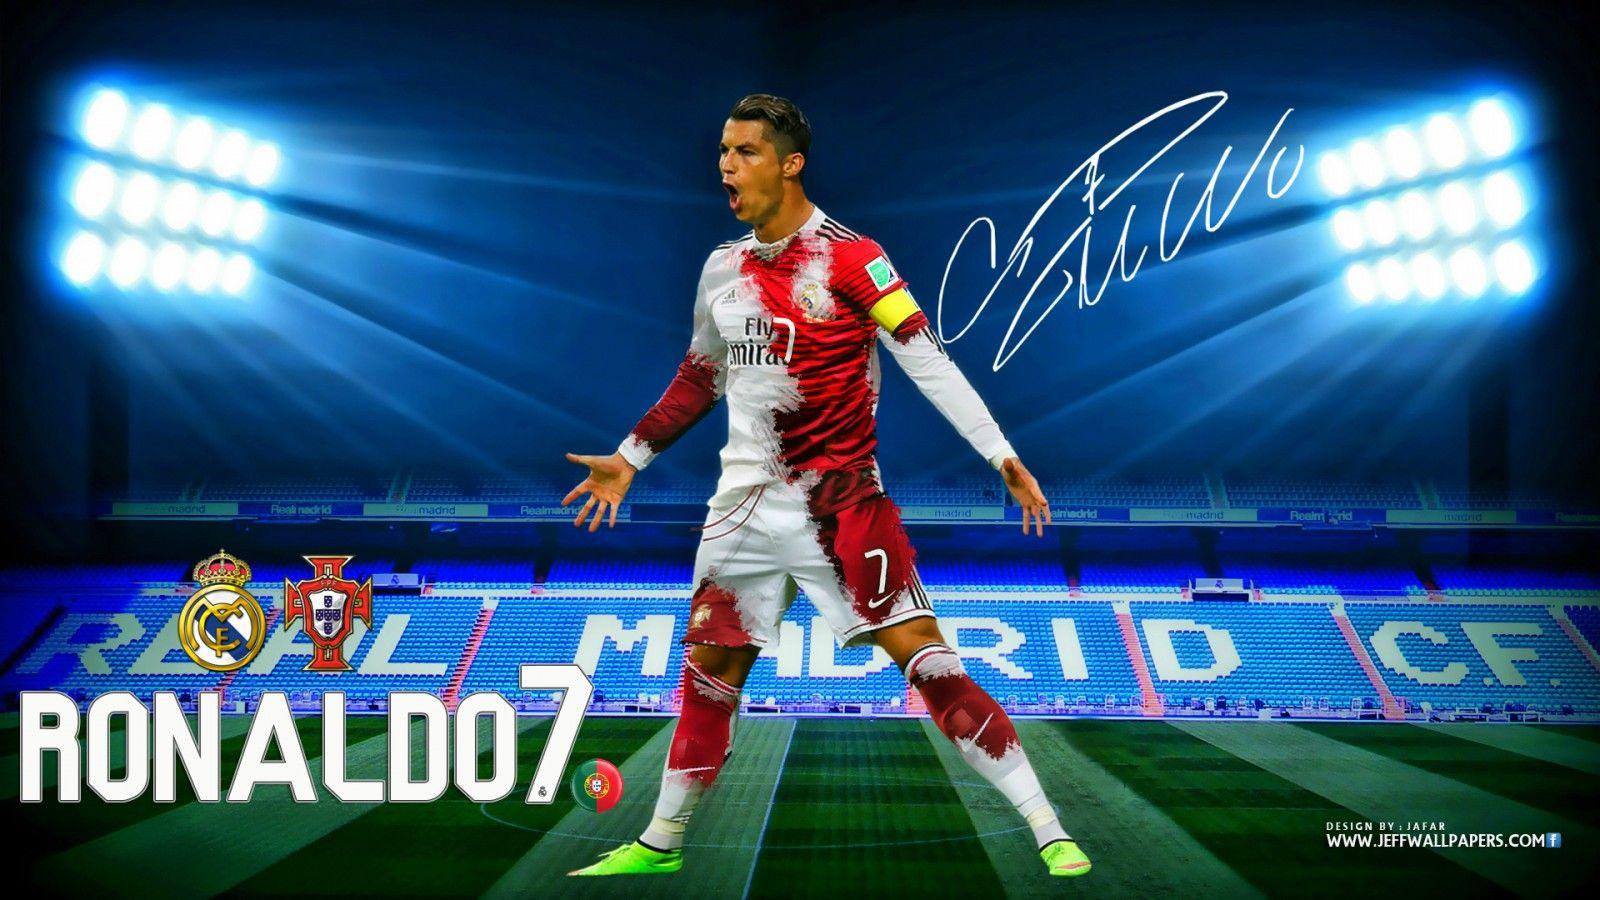 Cristiano Ronaldo Wallpaper 2015 Cristiano Ronaldo Ronaldo Cristiano Ronaldo Wallpapers